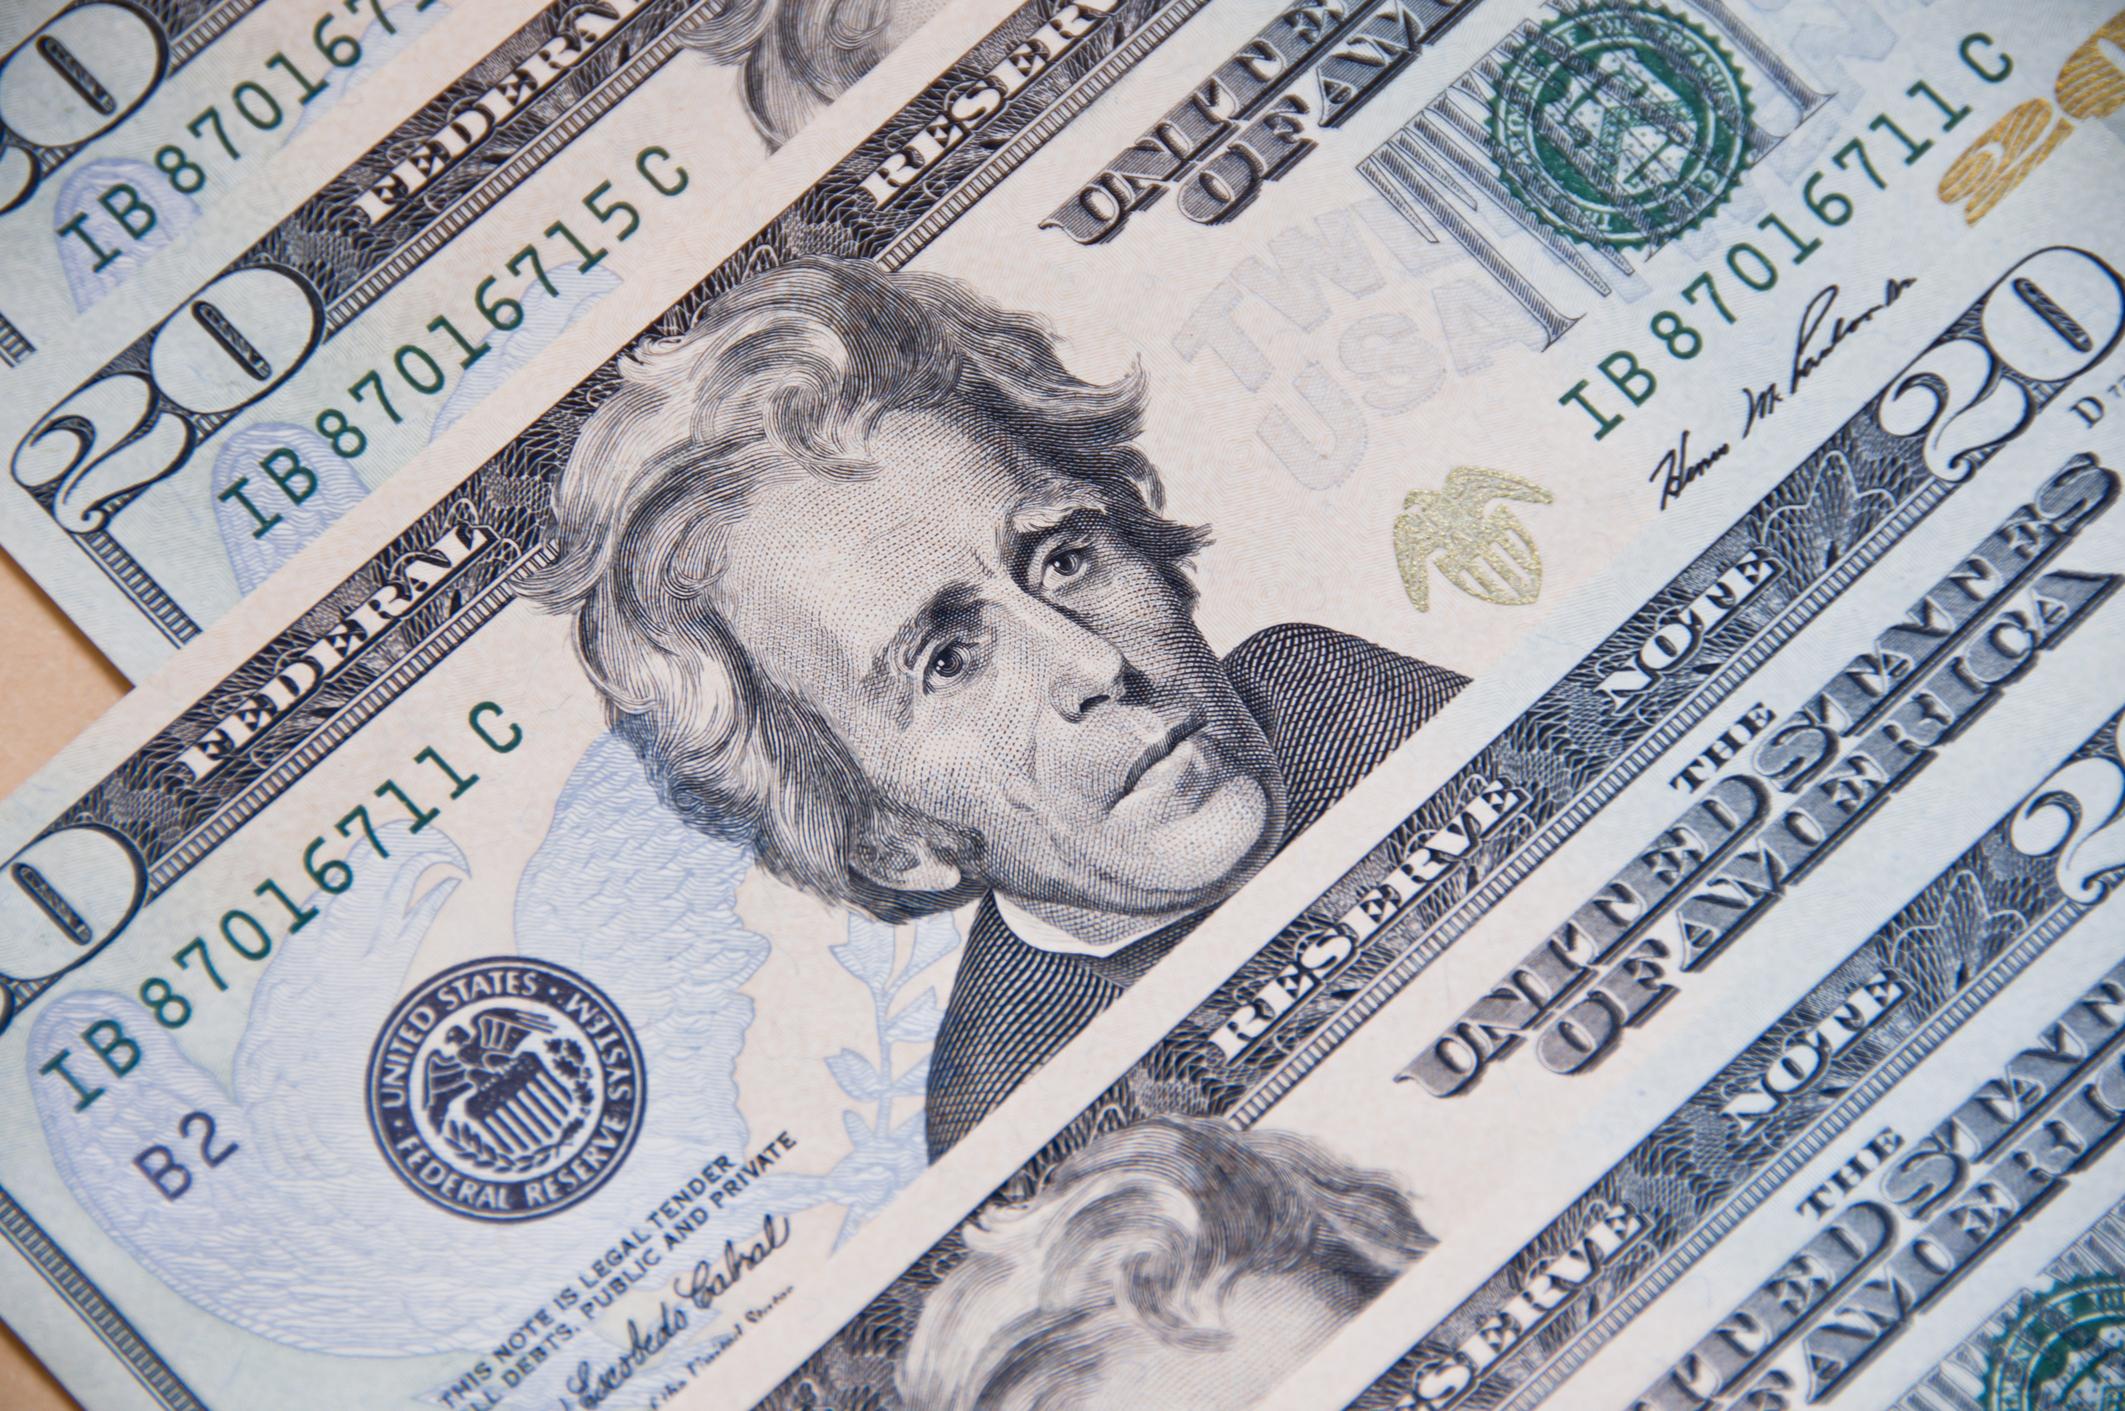 Several $20 bills.